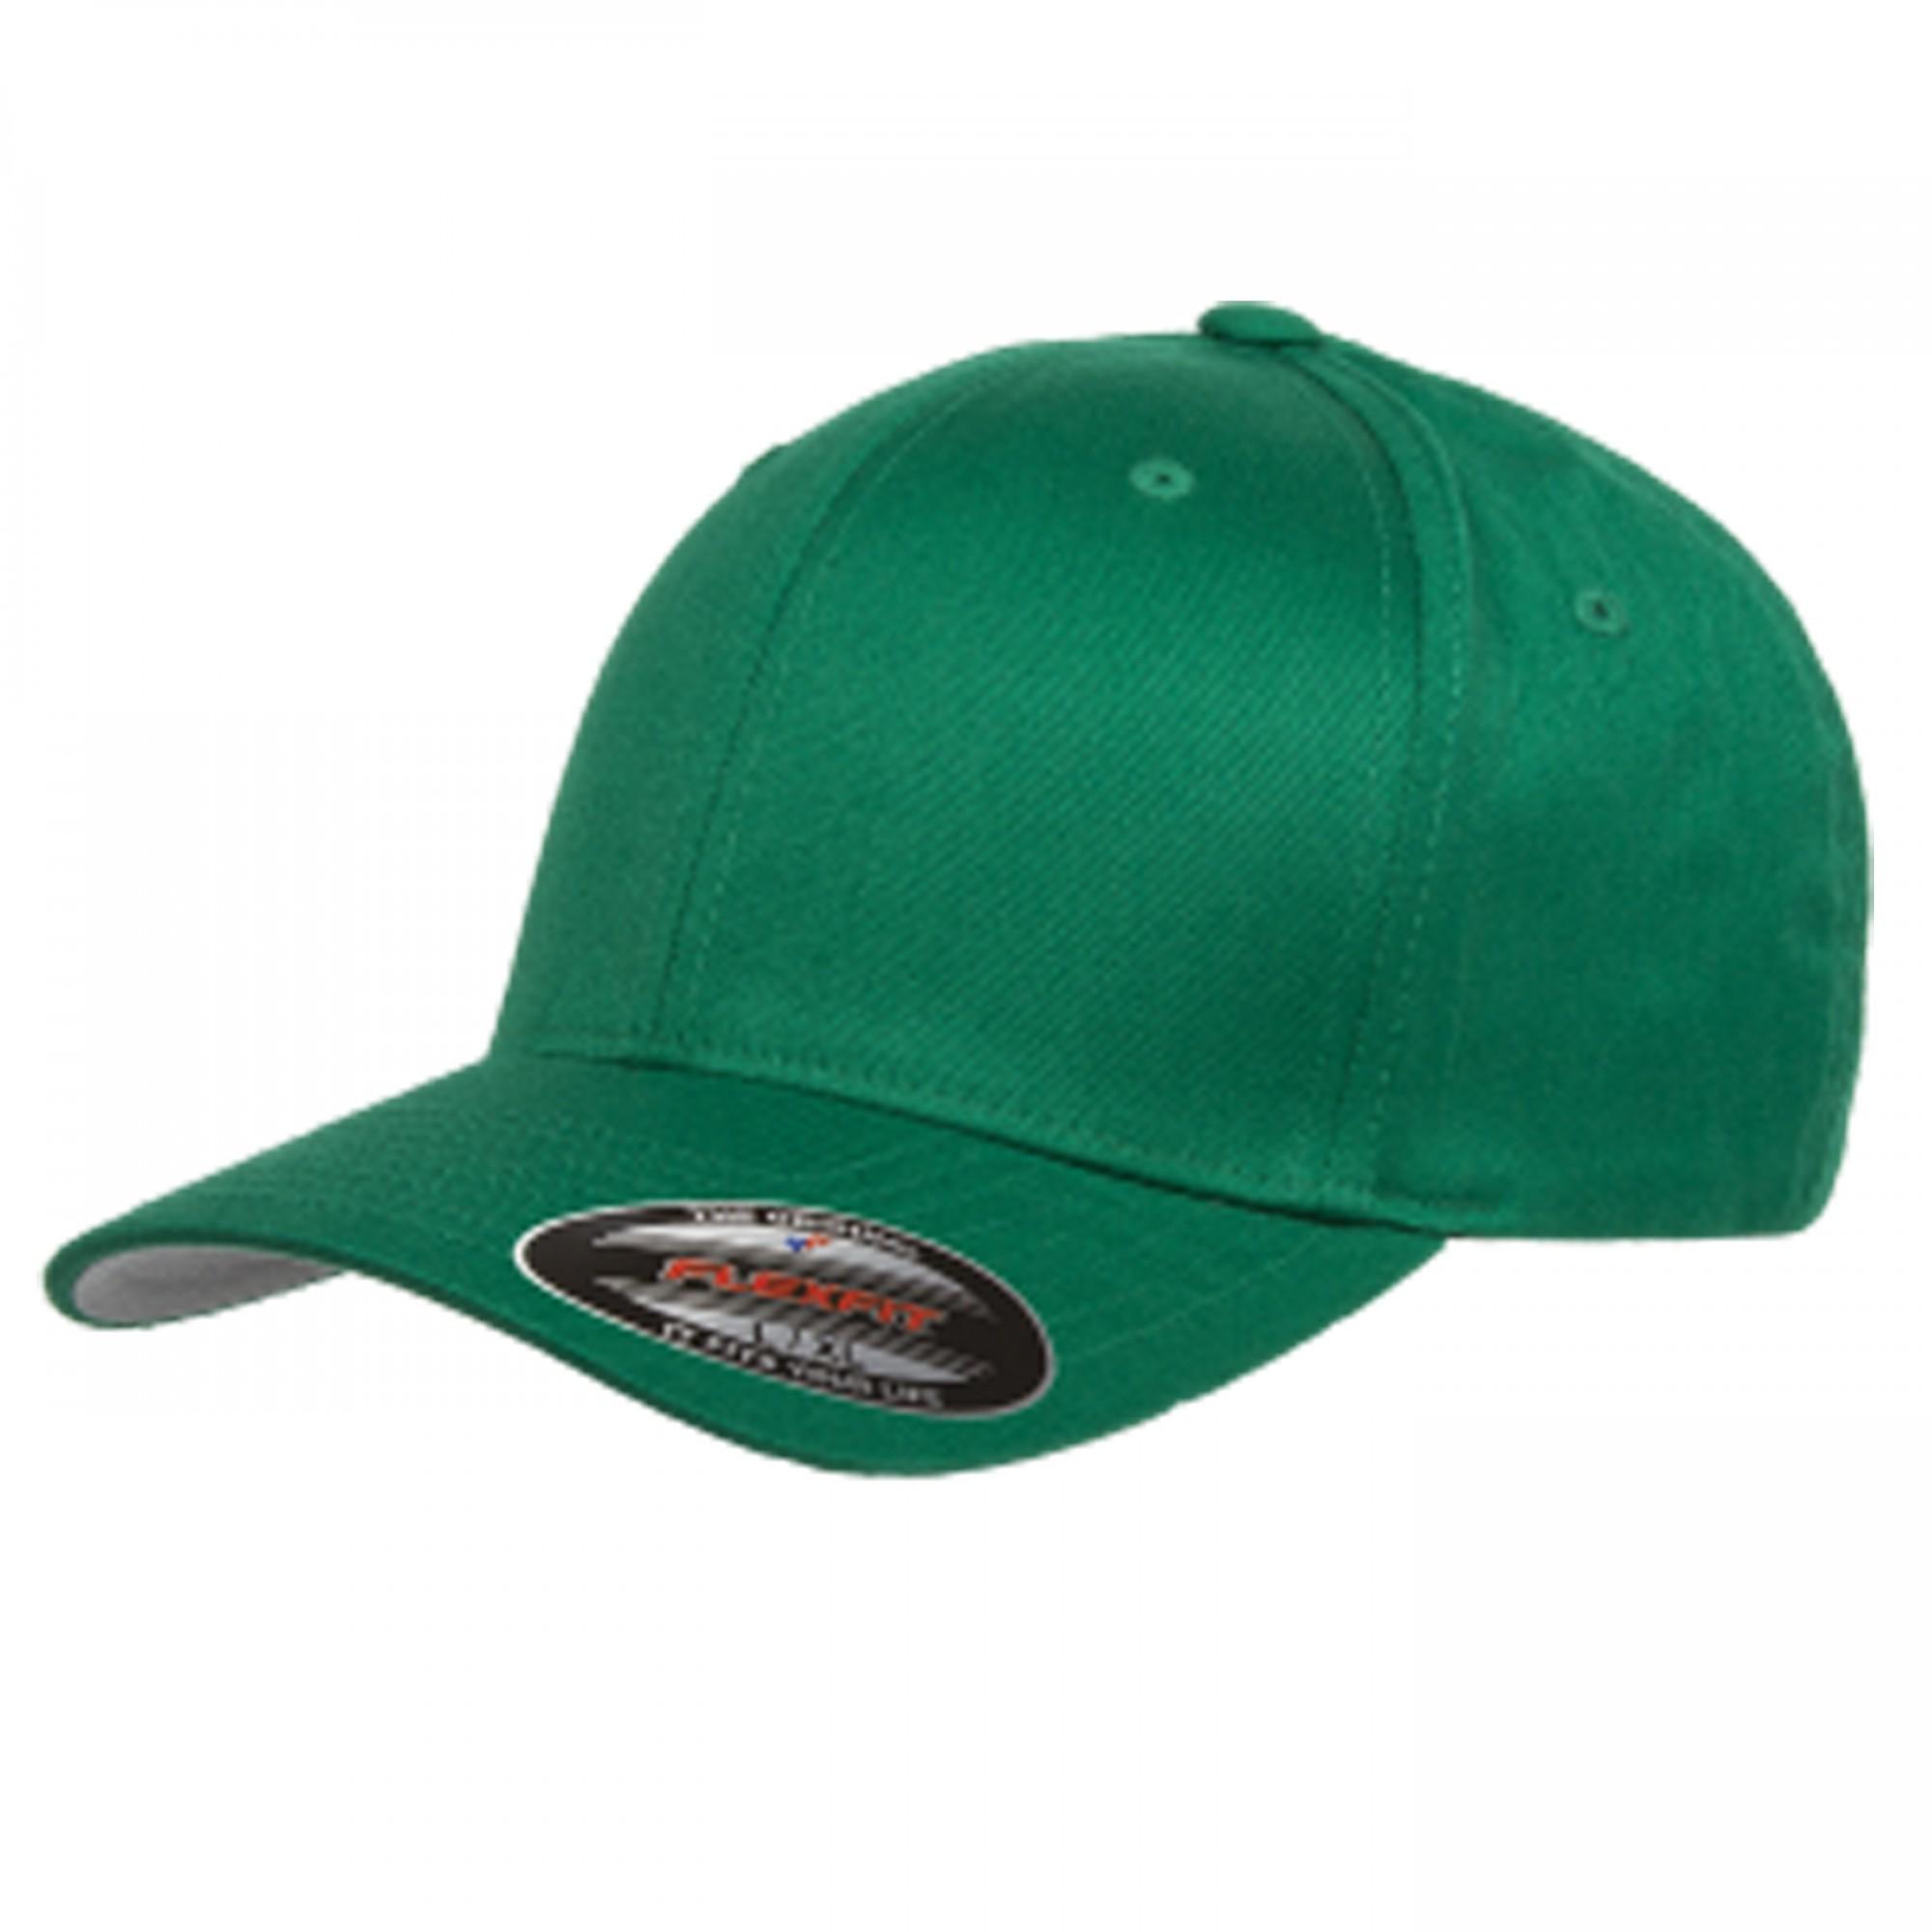 flexfit fitted baseball cap 6277. Black Bedroom Furniture Sets. Home Design Ideas